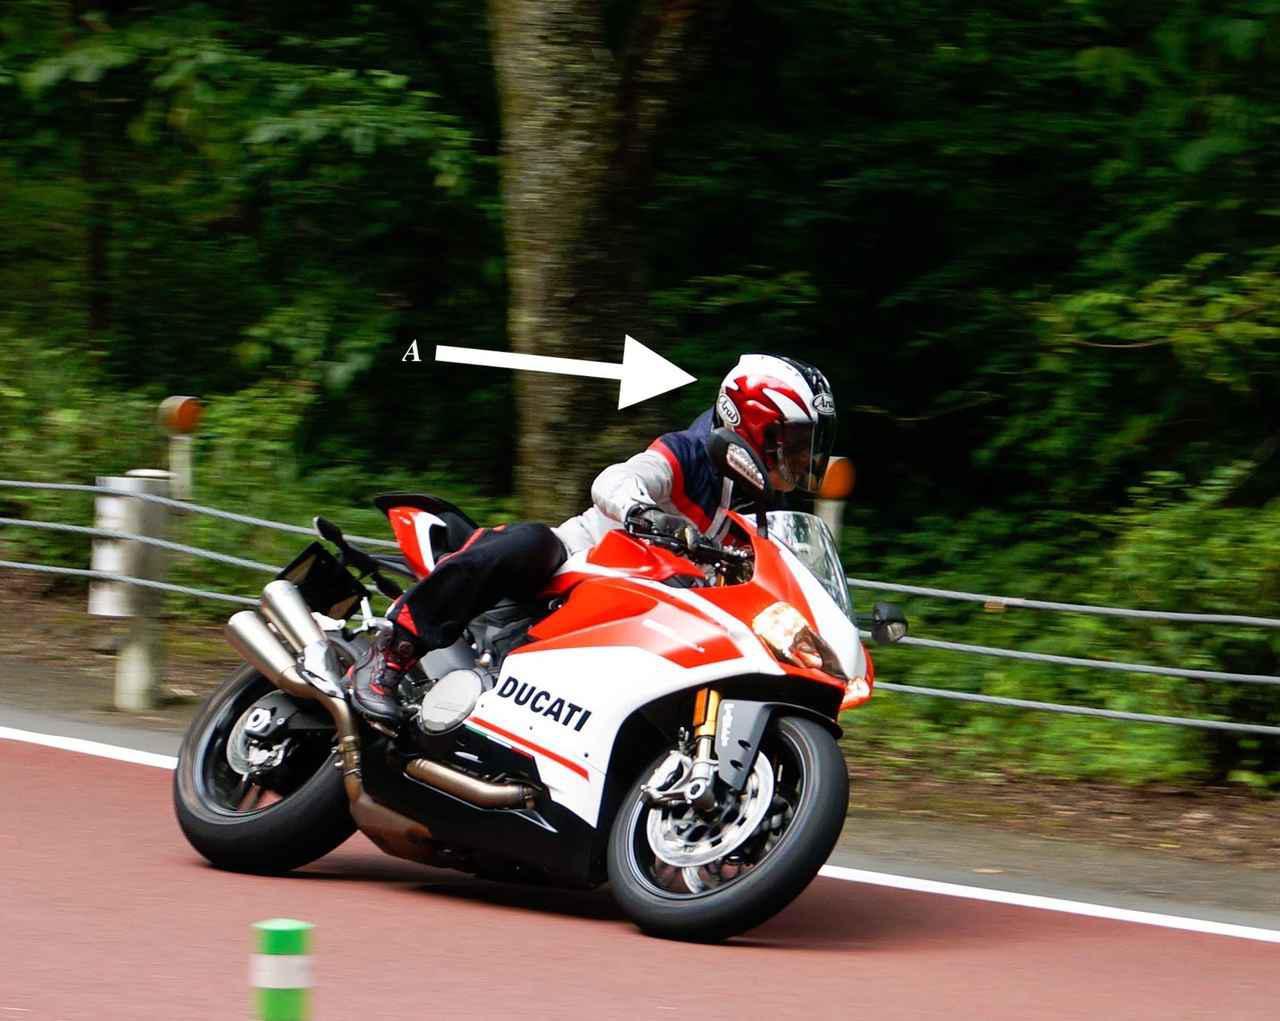 ライディング・テクニックを上達させる「4つのアクション」とは? バイクの運転のコツと安全で楽しい乗り方を解説【柏秀樹持論・第7回】